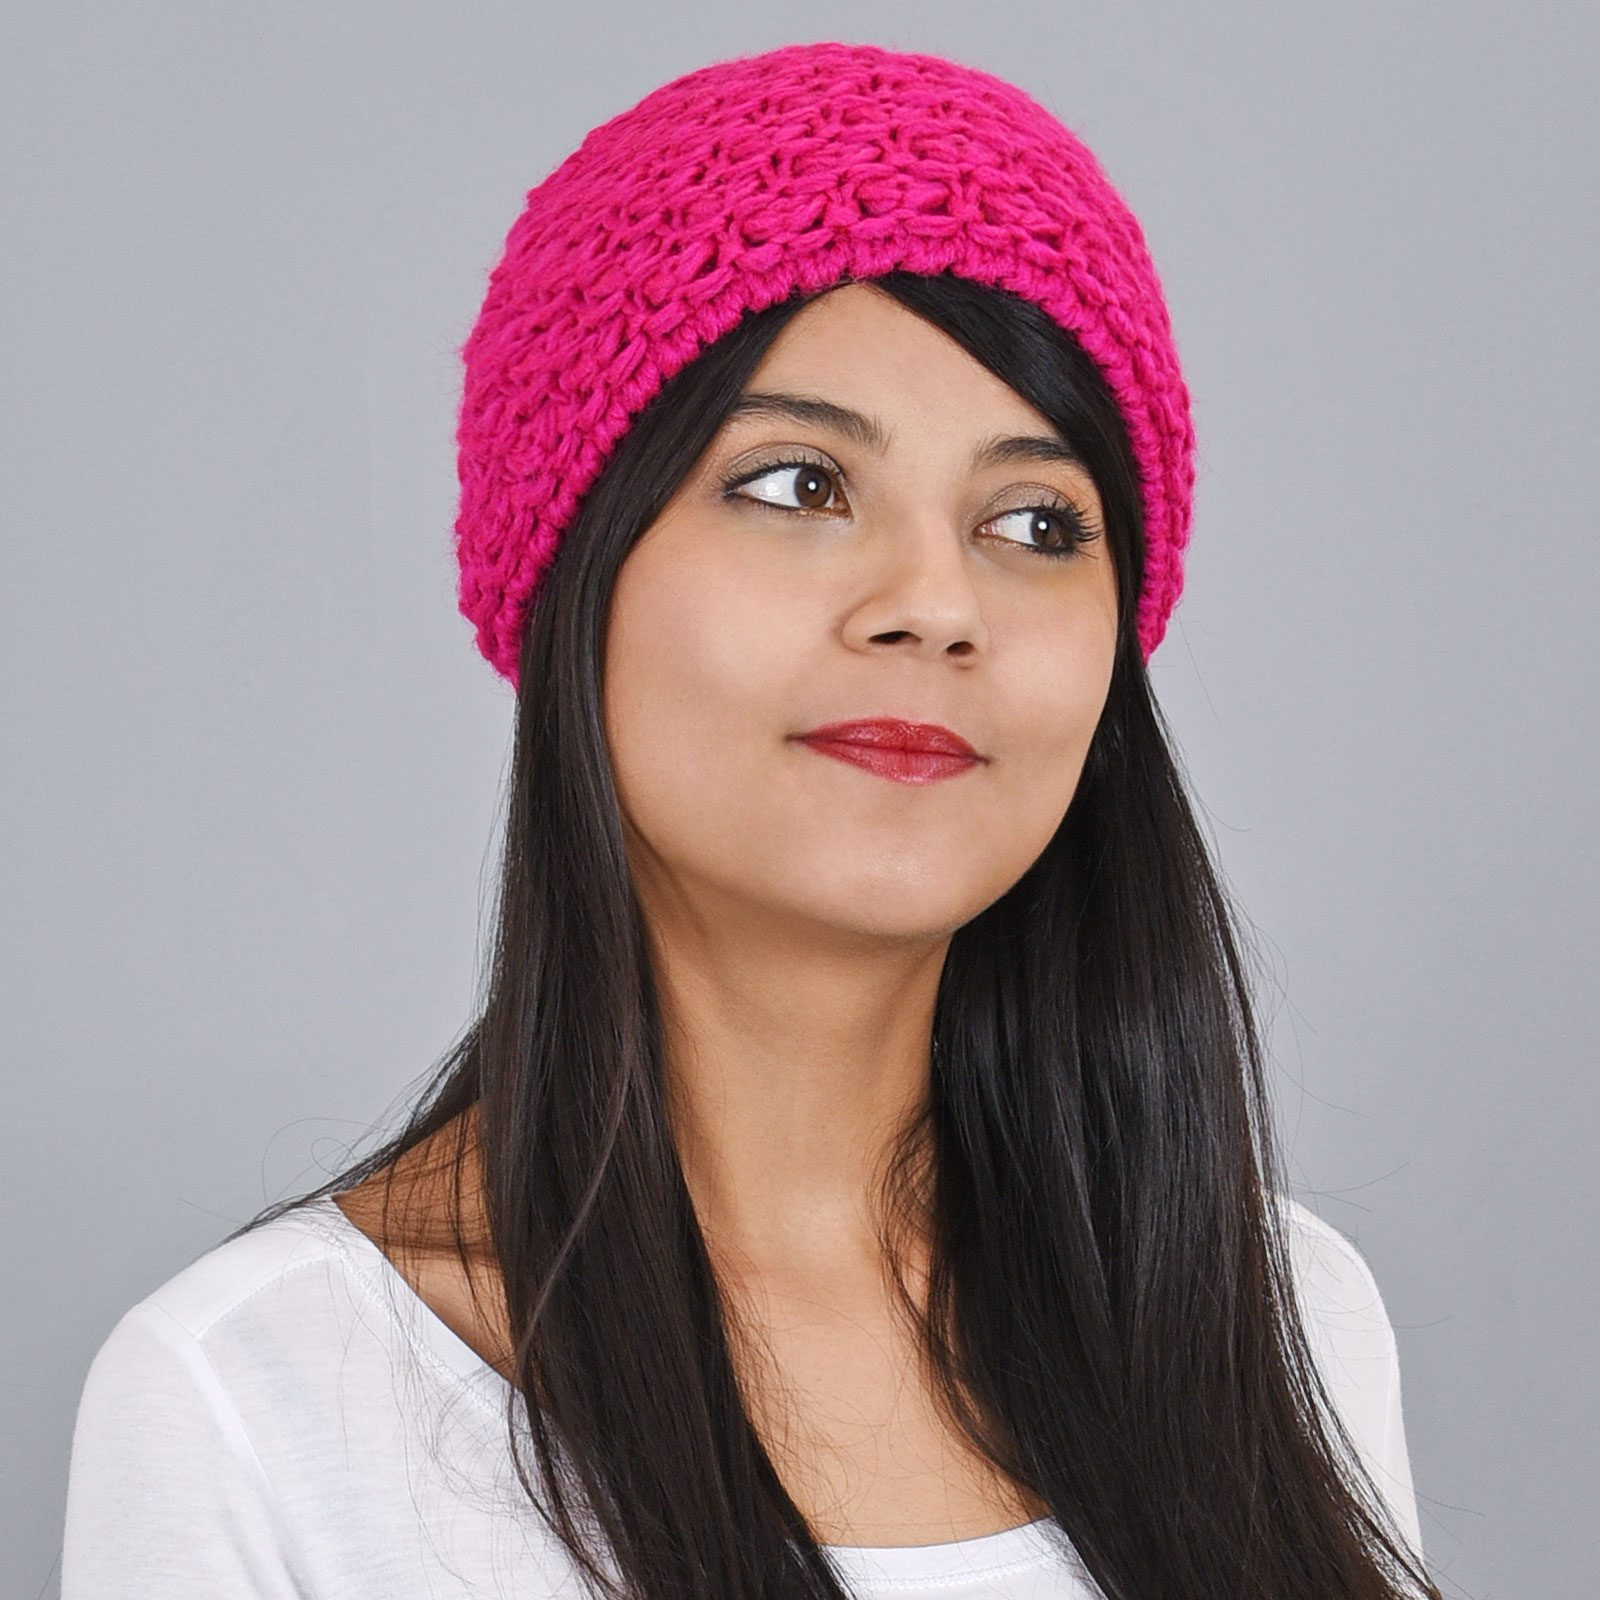 http://lookbook.allee-du-foulard.fr/wp-content/uploads/2019/01/CP-00812-VF16-bonnet-court-femme-rose-fuchsia-1600x1600.jpg